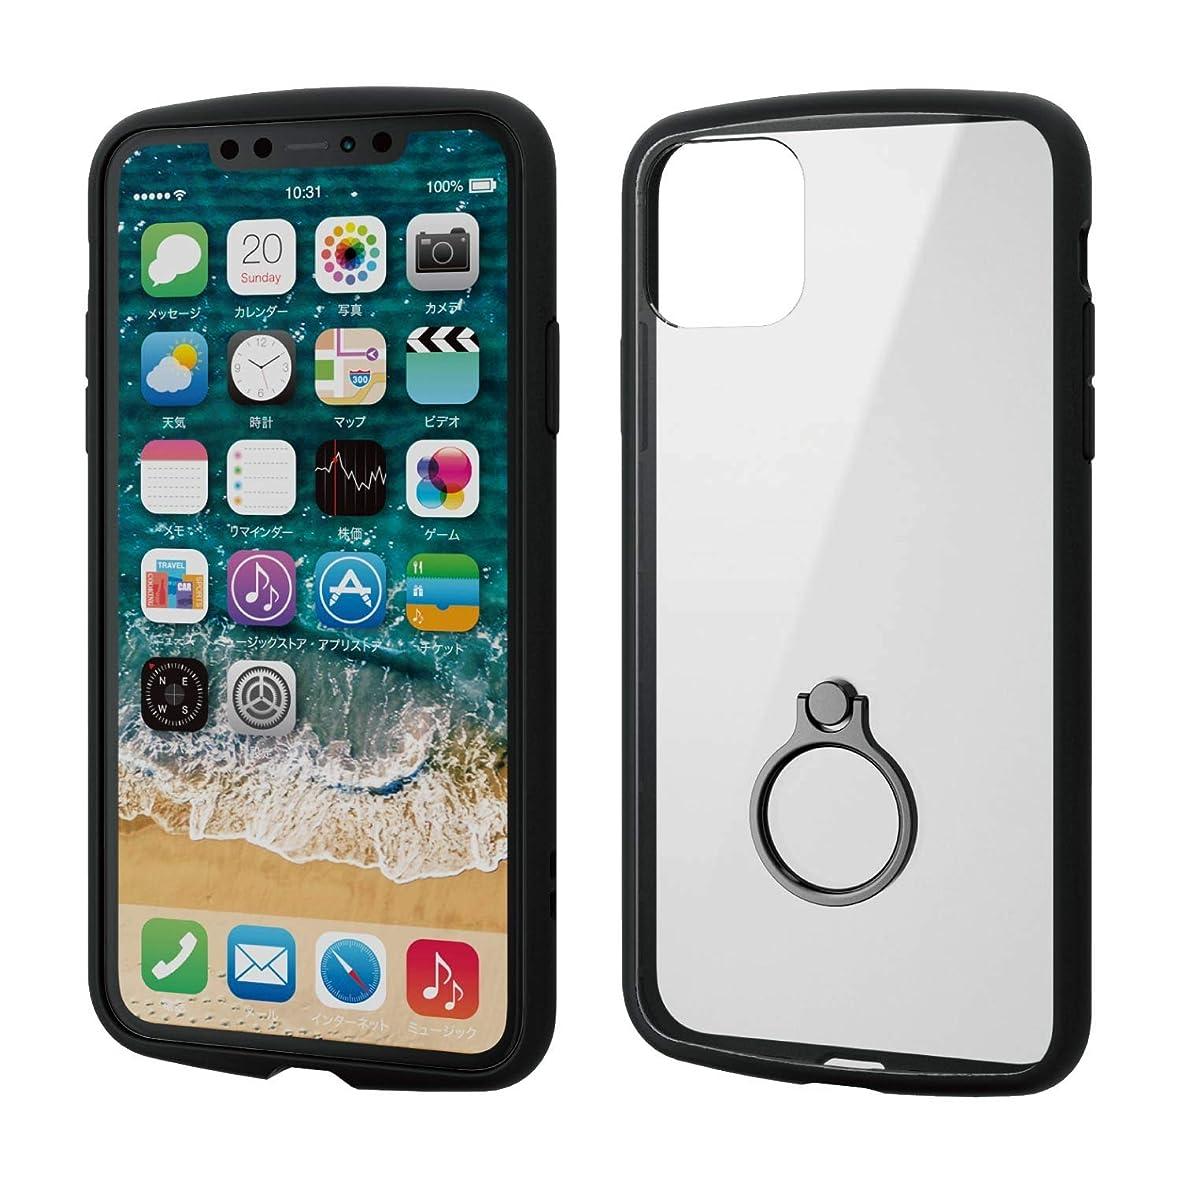 色シードの頭の上エレコム iPhone 11 Pro Max ケース 耐衝撃×フレーム スマホリング付 TOUGH SLIM LITE [背面クリアタイプ] ブラック PM-A19DTSLFCRBK